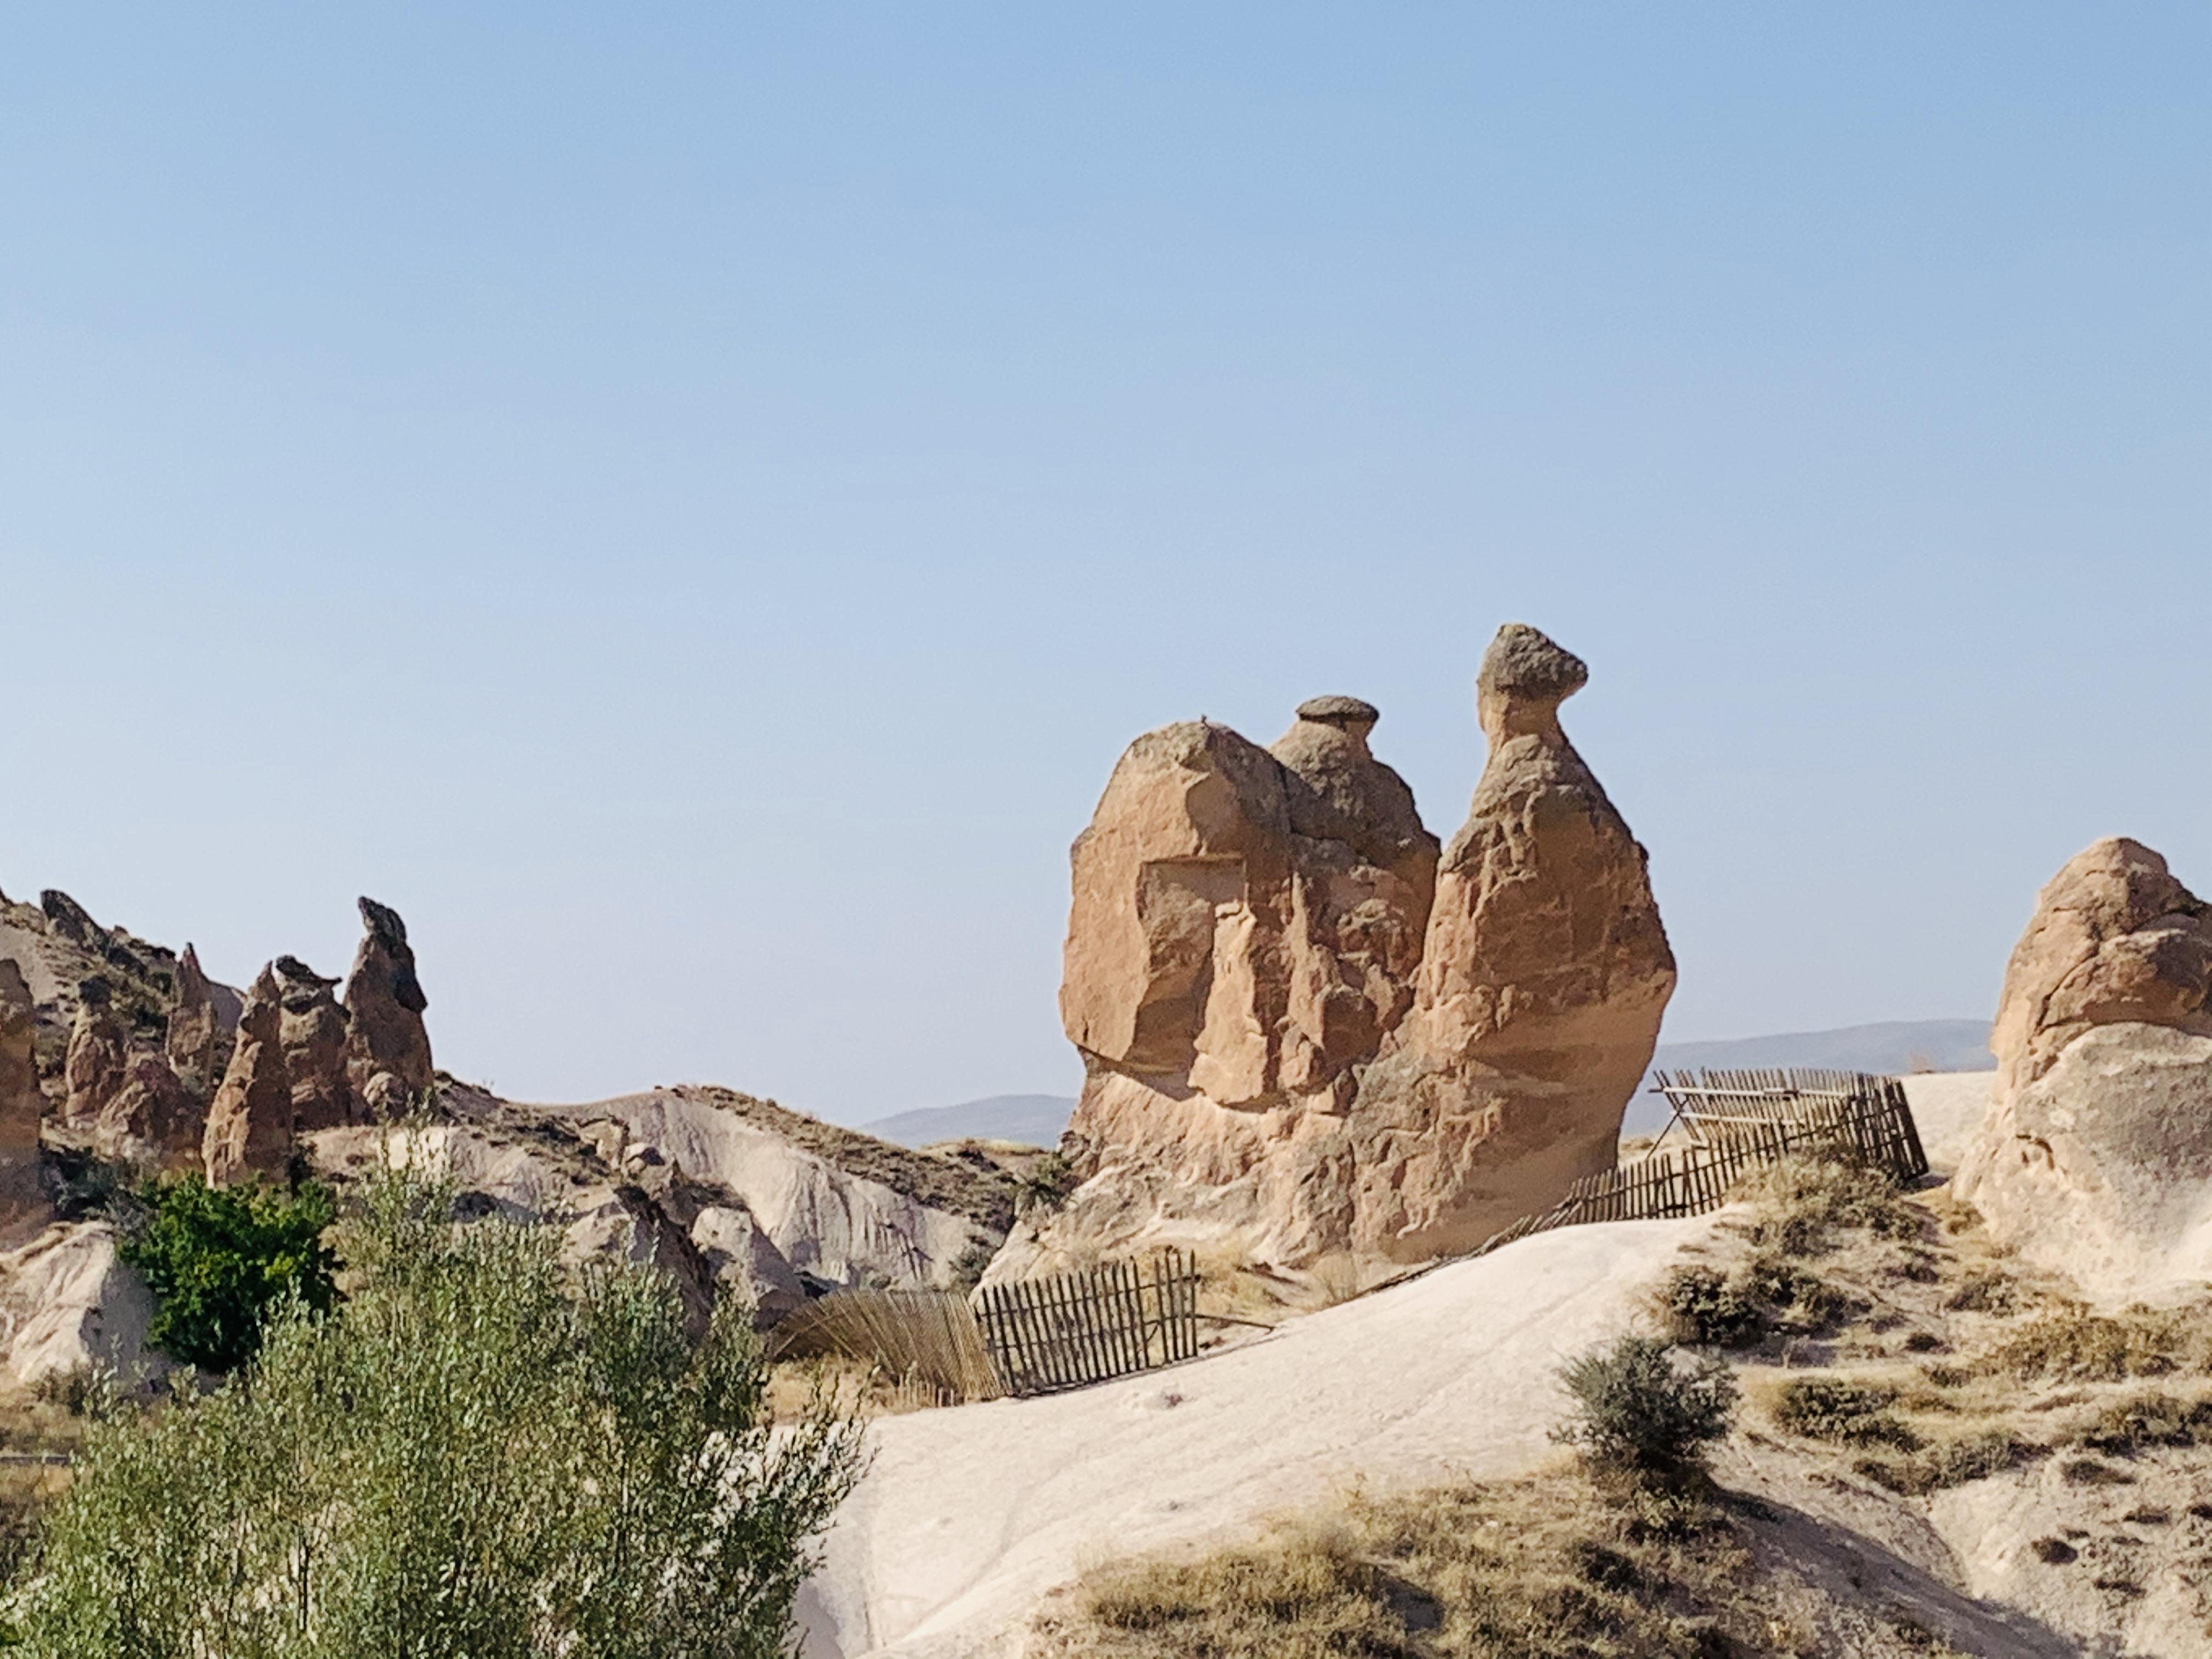 А здесь можно разглядеть верблюда / фото автора